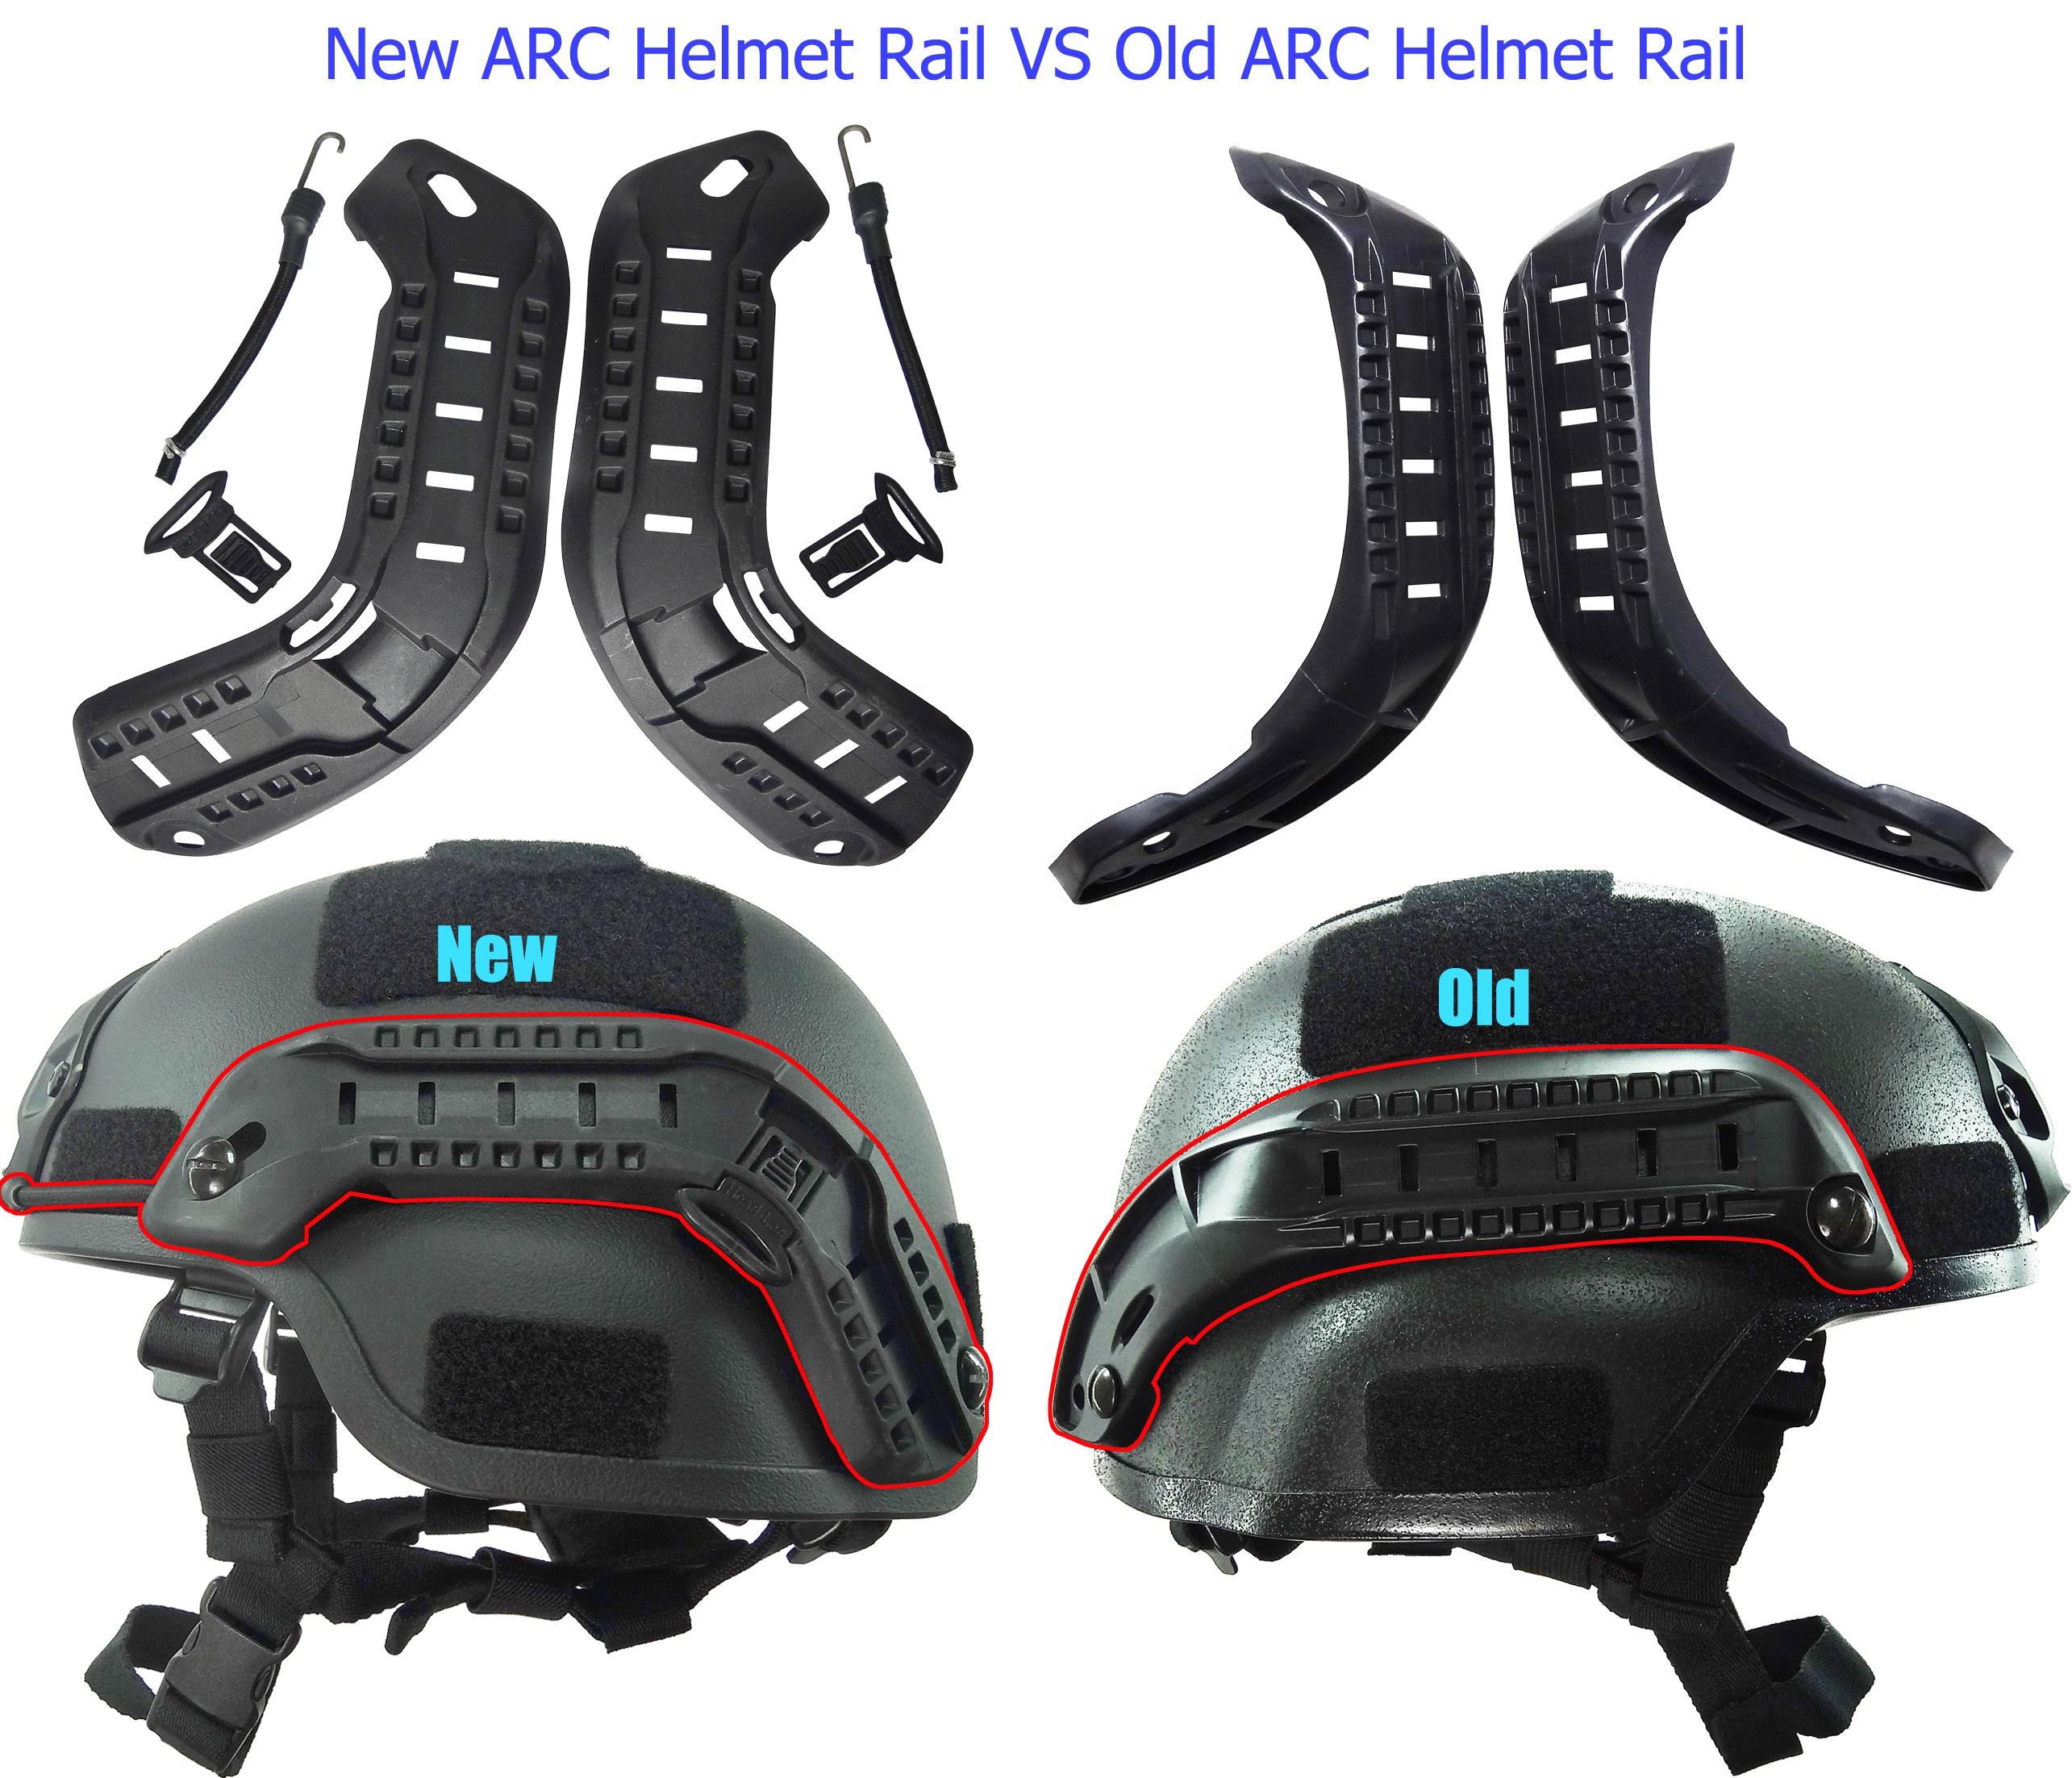 Пуленепробиваемый шлем/Пуленепробиваемый Шлем MICH